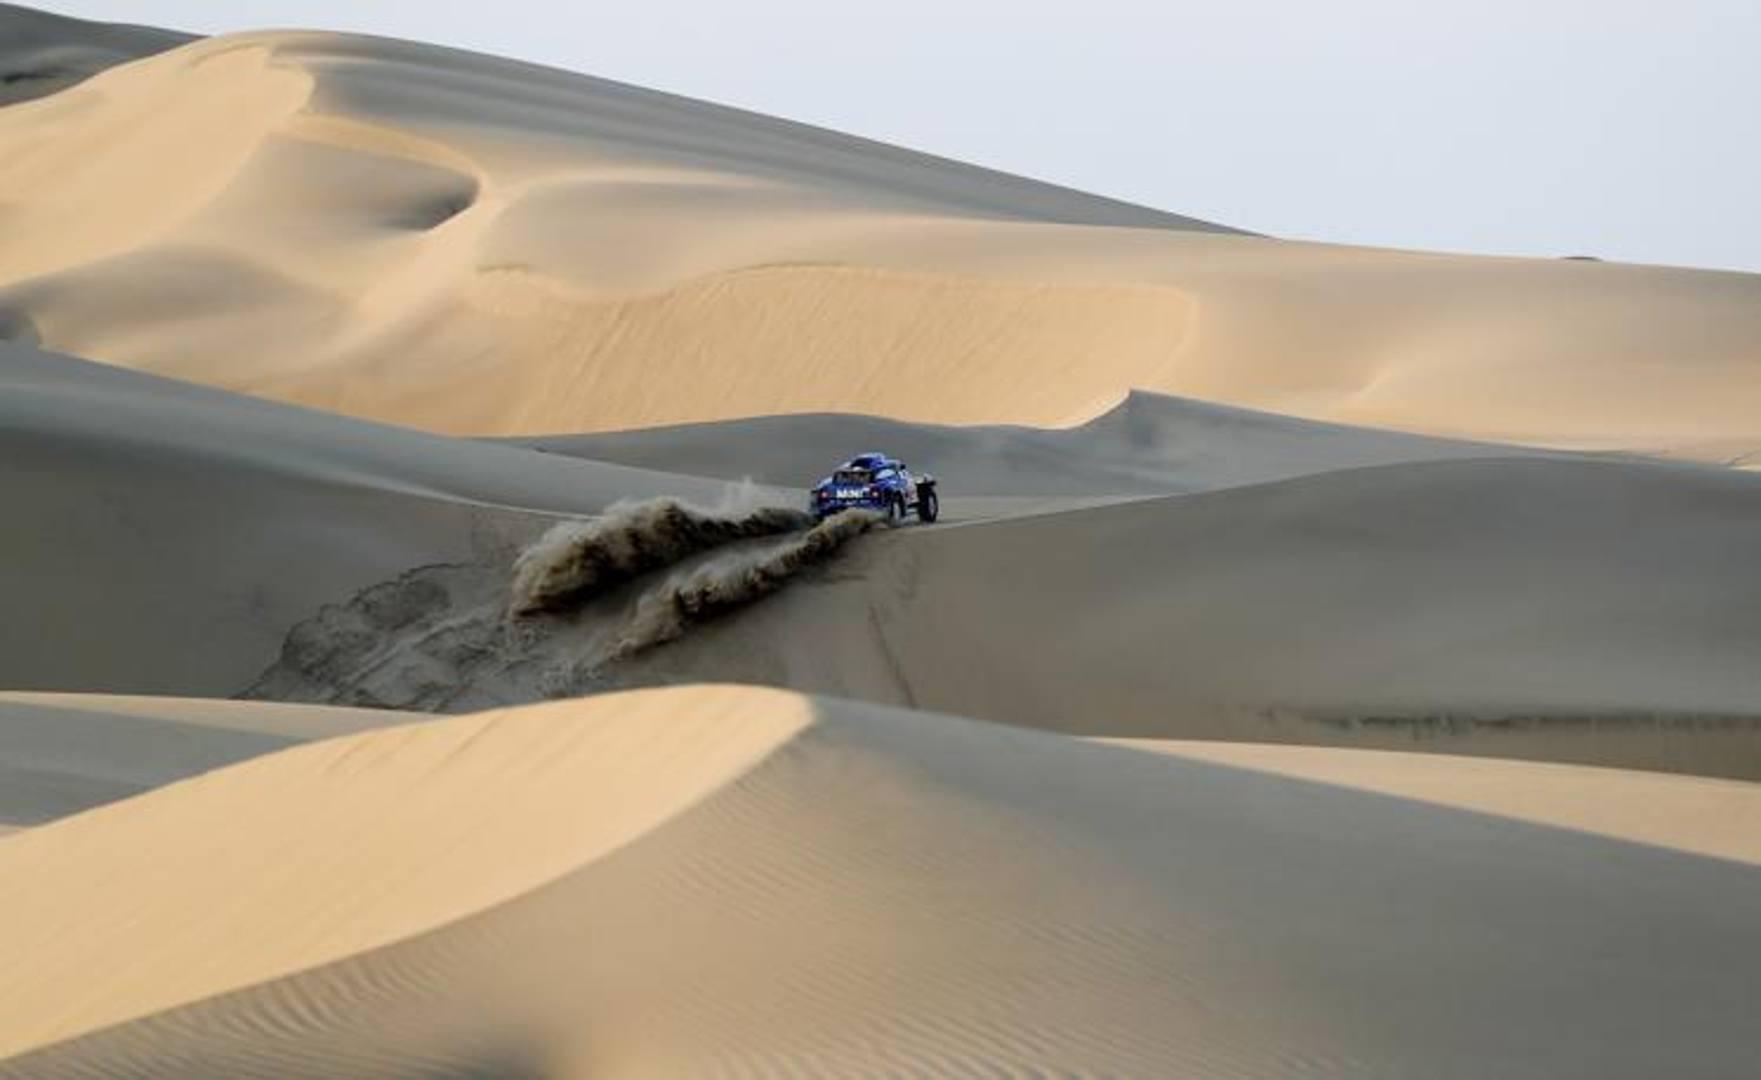 La Dakar 2019 si corre interamente in Perù e su un tracciato quasi interamente nel deserto. Ecco alcuni spettacolari passaggi della gara tra le dune. Ap